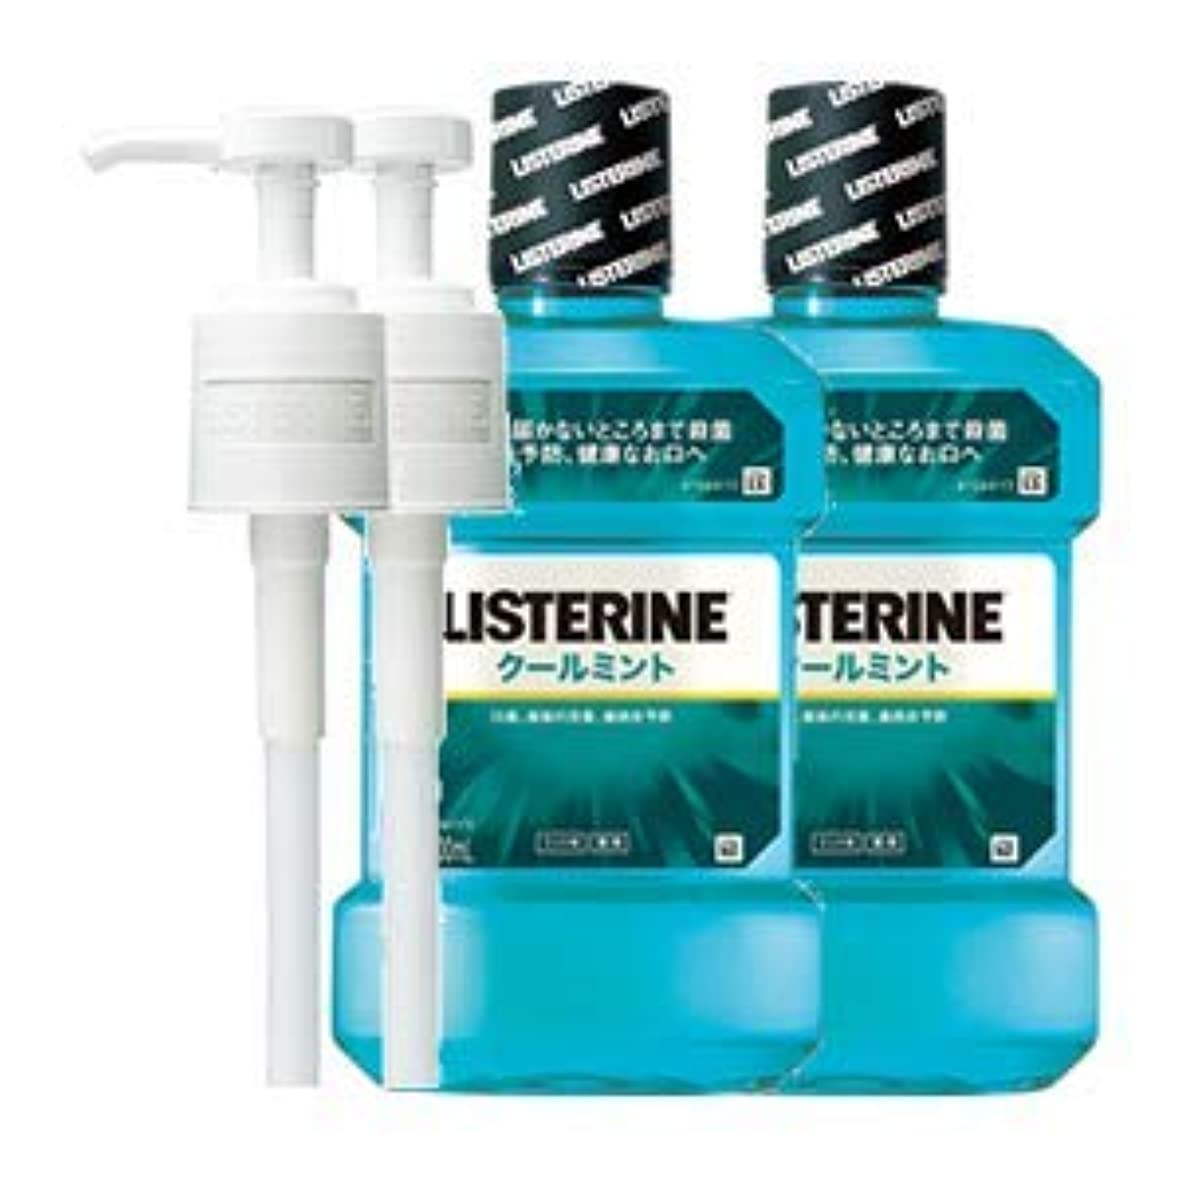 必要としているフレッシュ著作権薬用リステリン クールミント (マウスウォッシュ/洗口液) 1000mL 2点セット (ポンプ付)